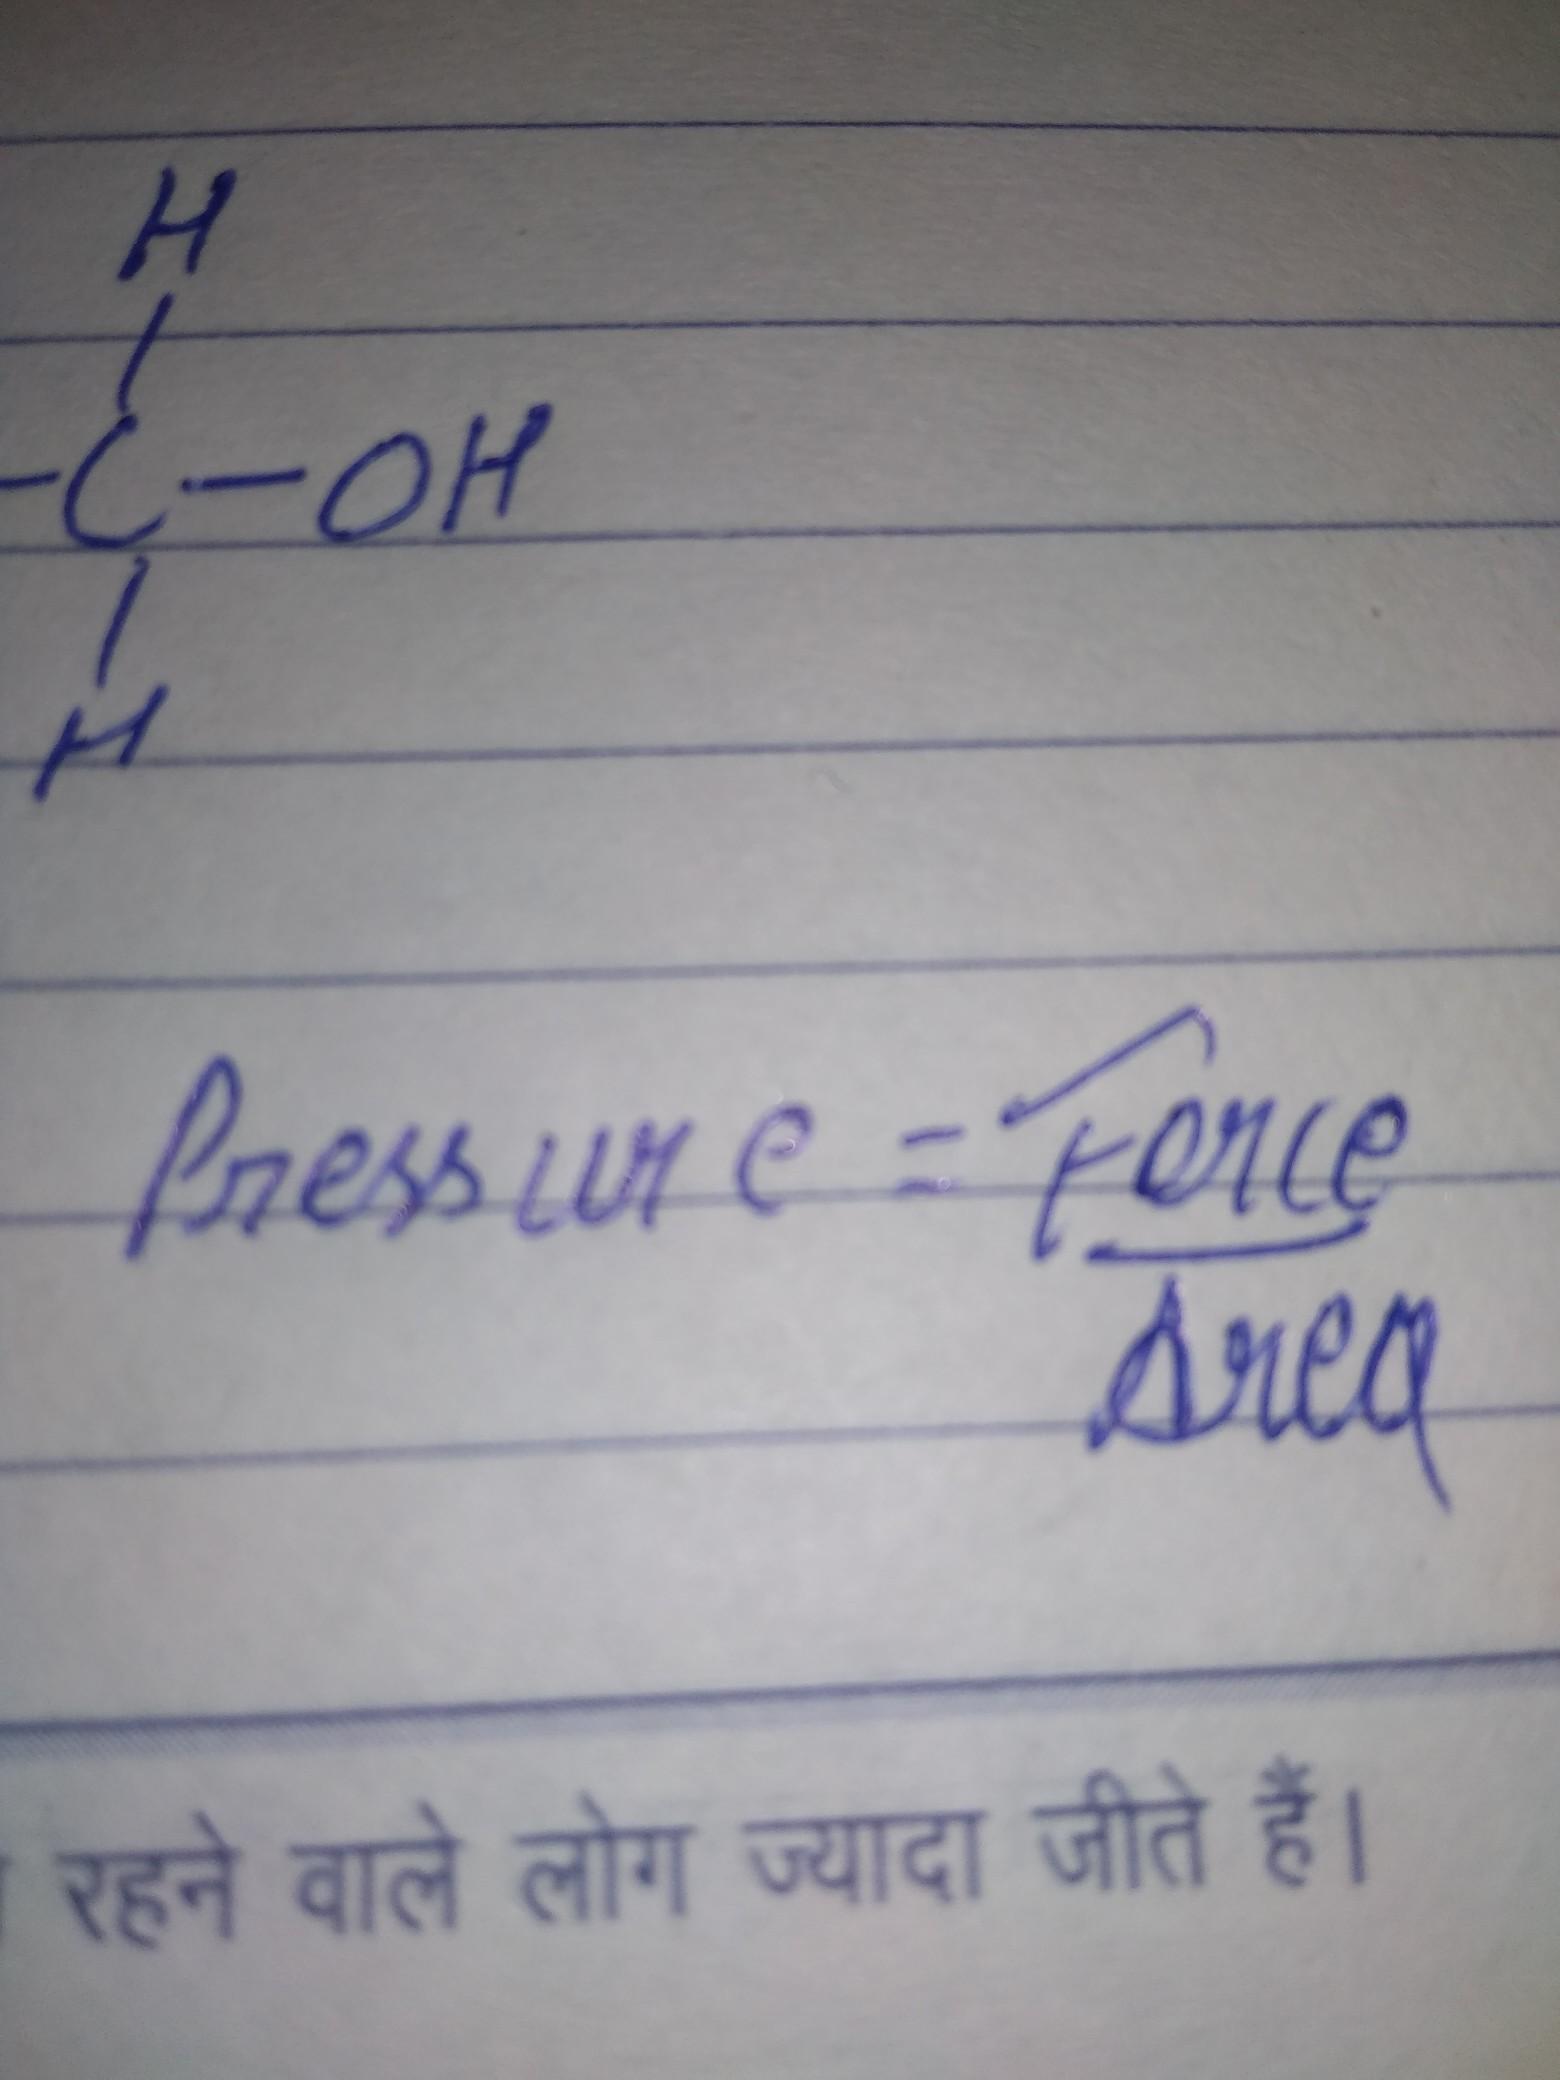 pressure ka formula kya hotha hai copy par bana kar send karna